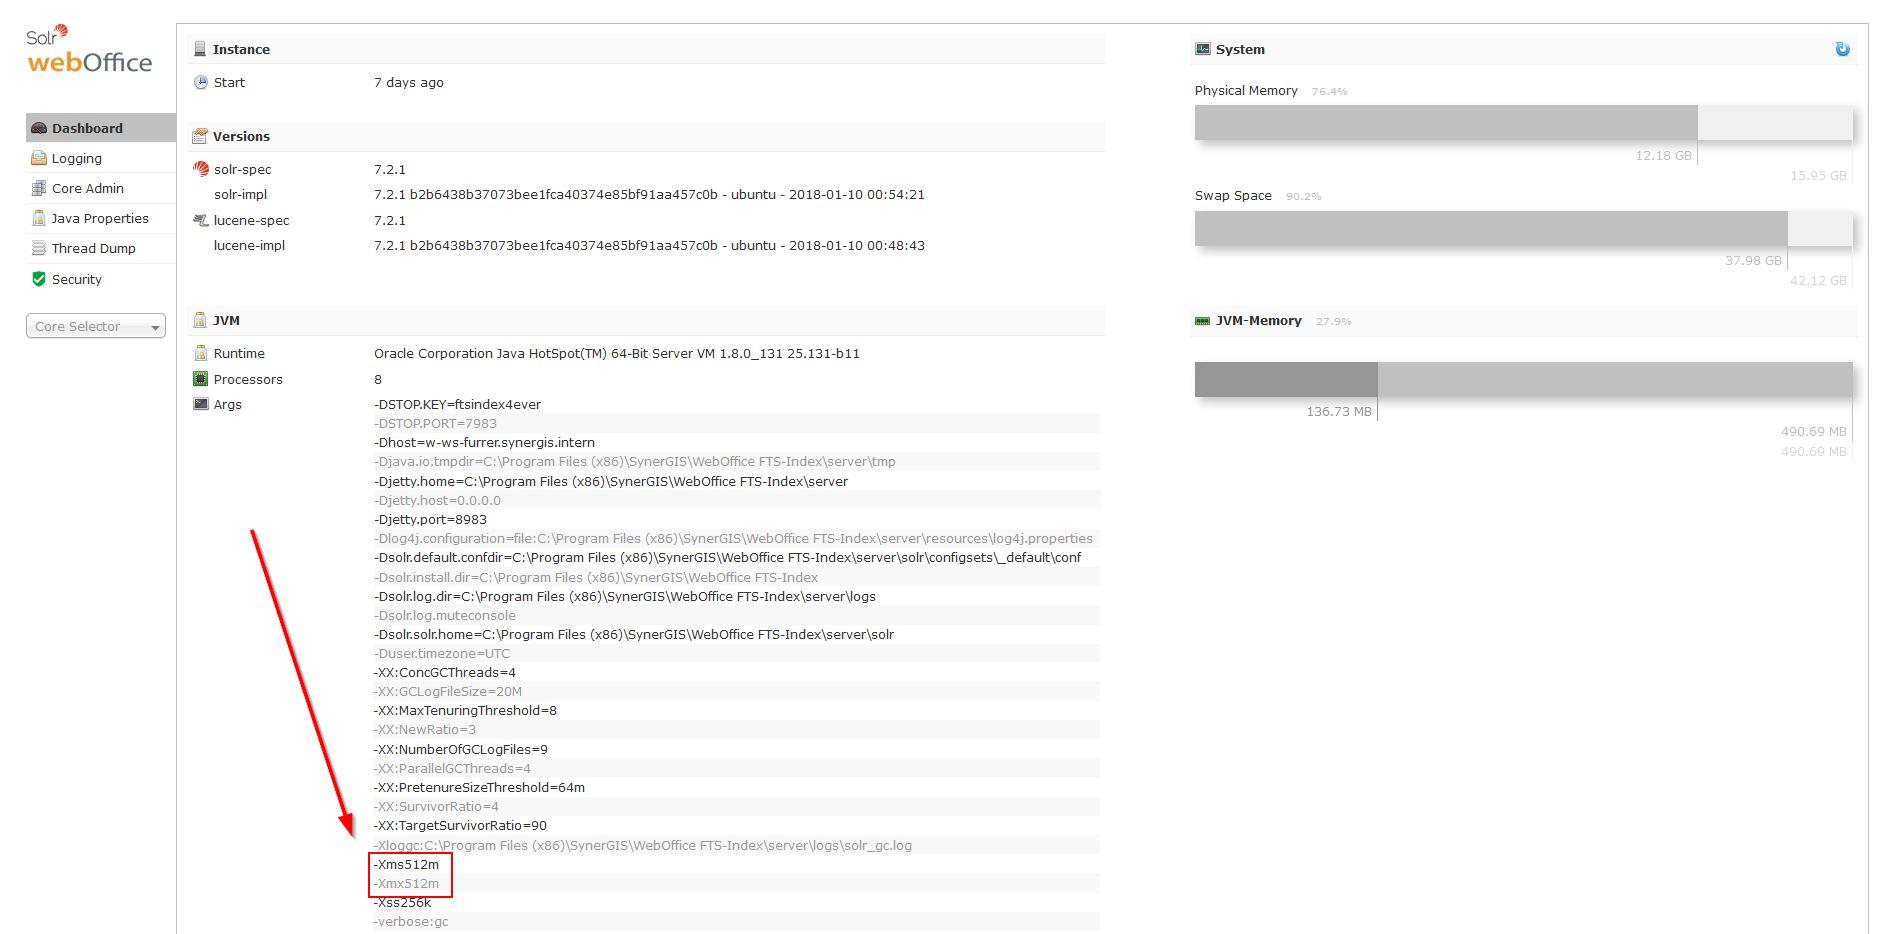 Current memory settings in Solr Web-Admin